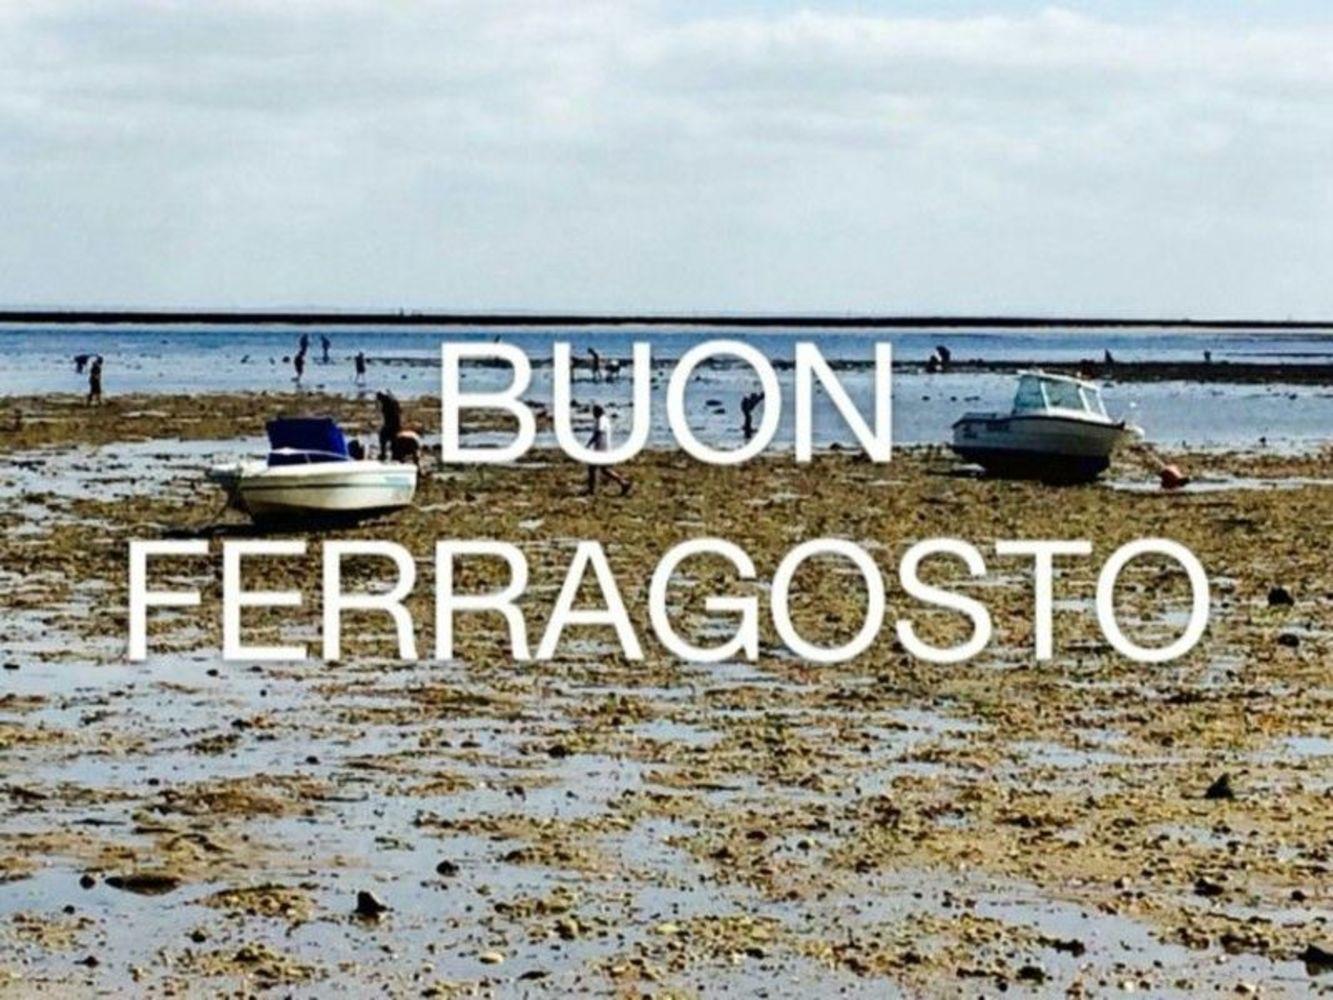 Buon-Ferragosto-Immagini-per-Whatsapp-38